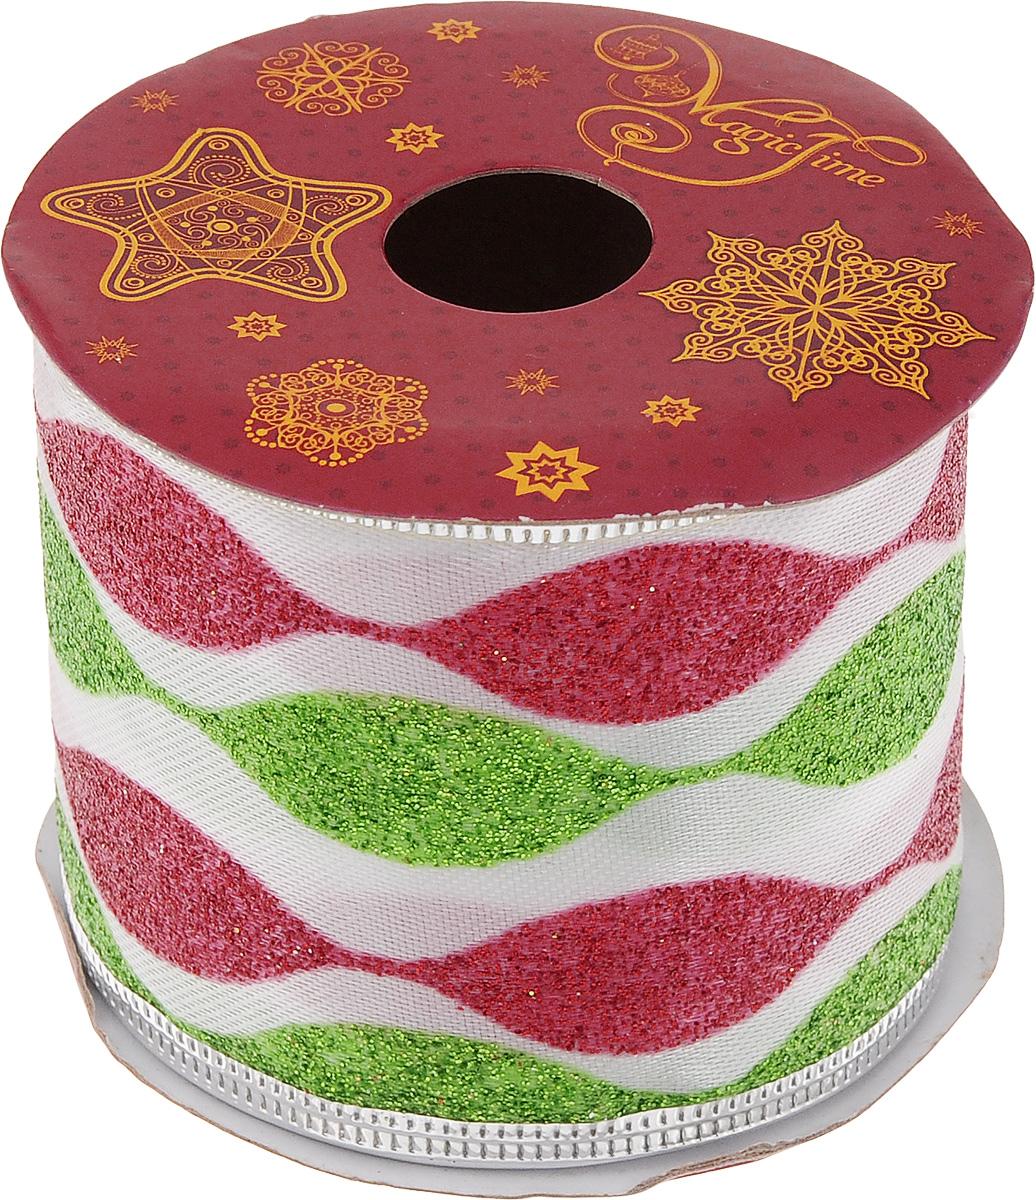 Лента новогодняя Magic Time Праздничная, 6,3 см х 2,7 м42816Новогодняя декоративная лента Magic Time Праздничная выполнена из полиэстера и украшена блестками. В края ленты вставлена проволока, благодаря чему ее легко фиксировать. Она предназначена для оформления подарочных коробок, пакетов. Кроме того, декоративная лента с успехом применяется для художественного оформления витрин, праздничного оформления помещений, изготовления искусственных цветов. Декоративная лента украсит интерьер вашего дома к праздникам.Ширина ленты: 6,3 см.